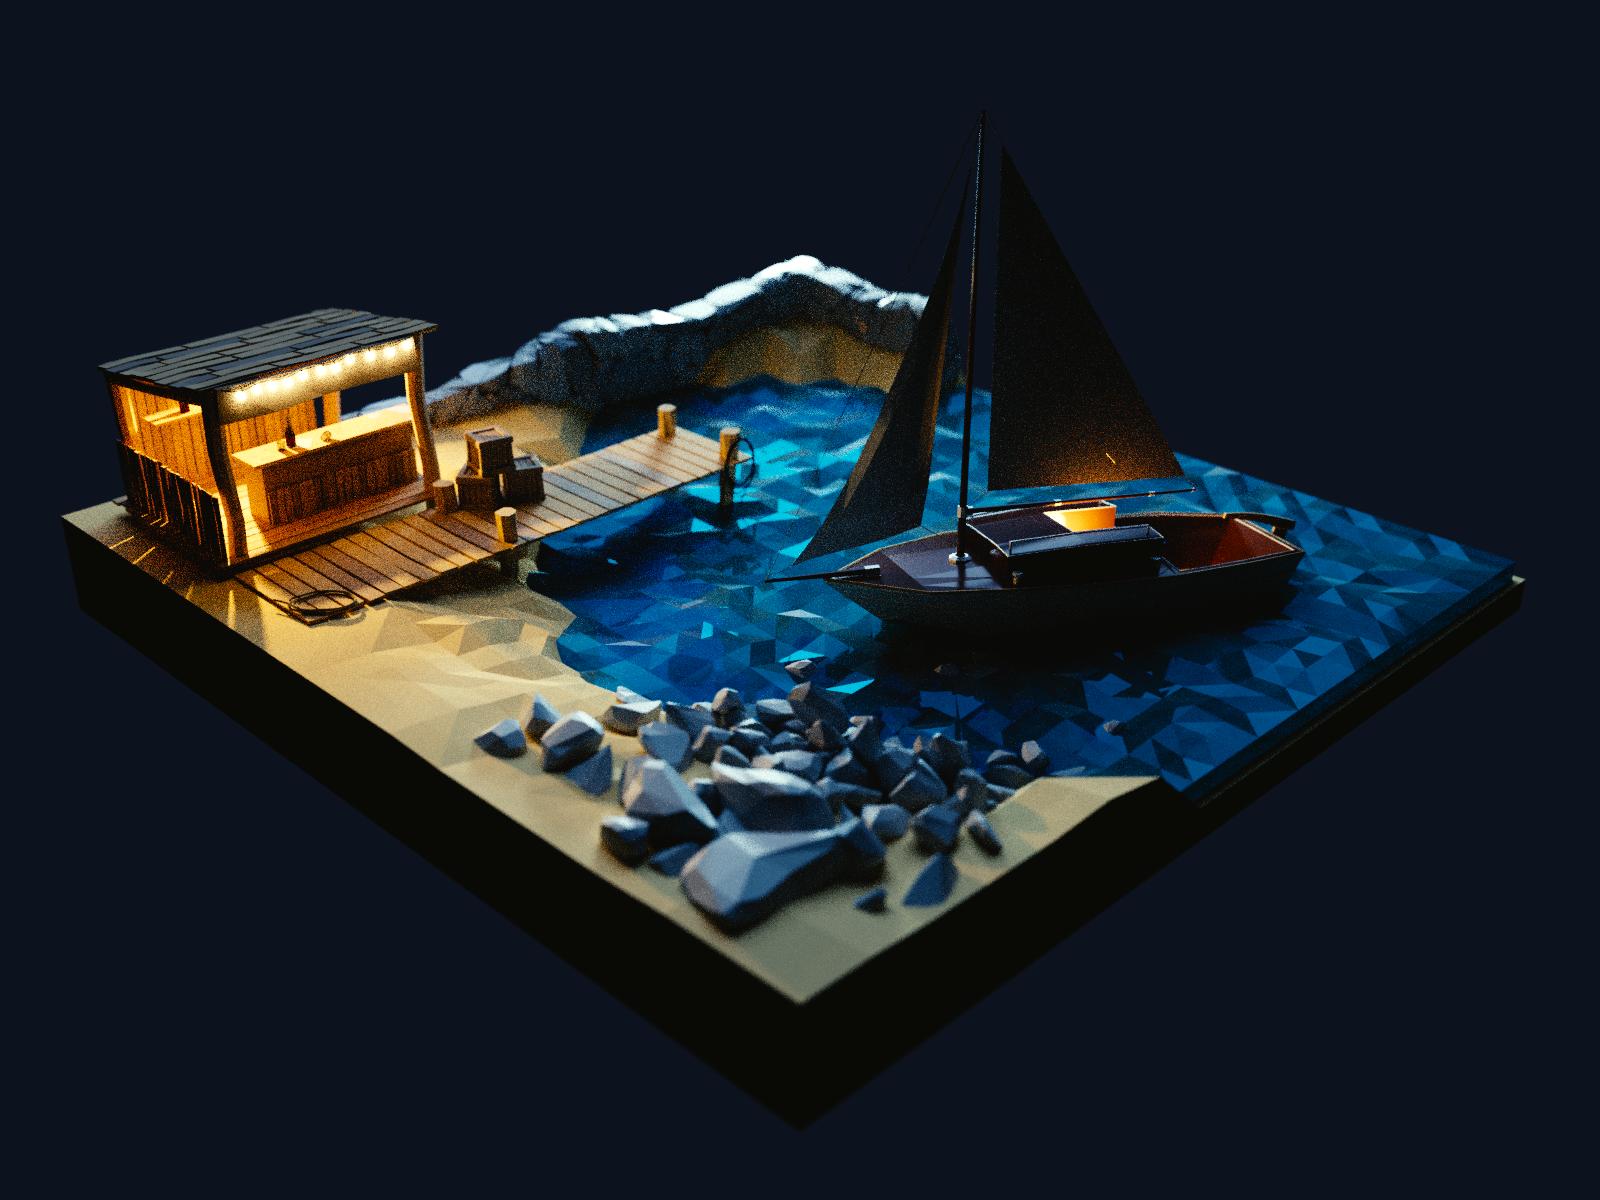 Marina night 4x